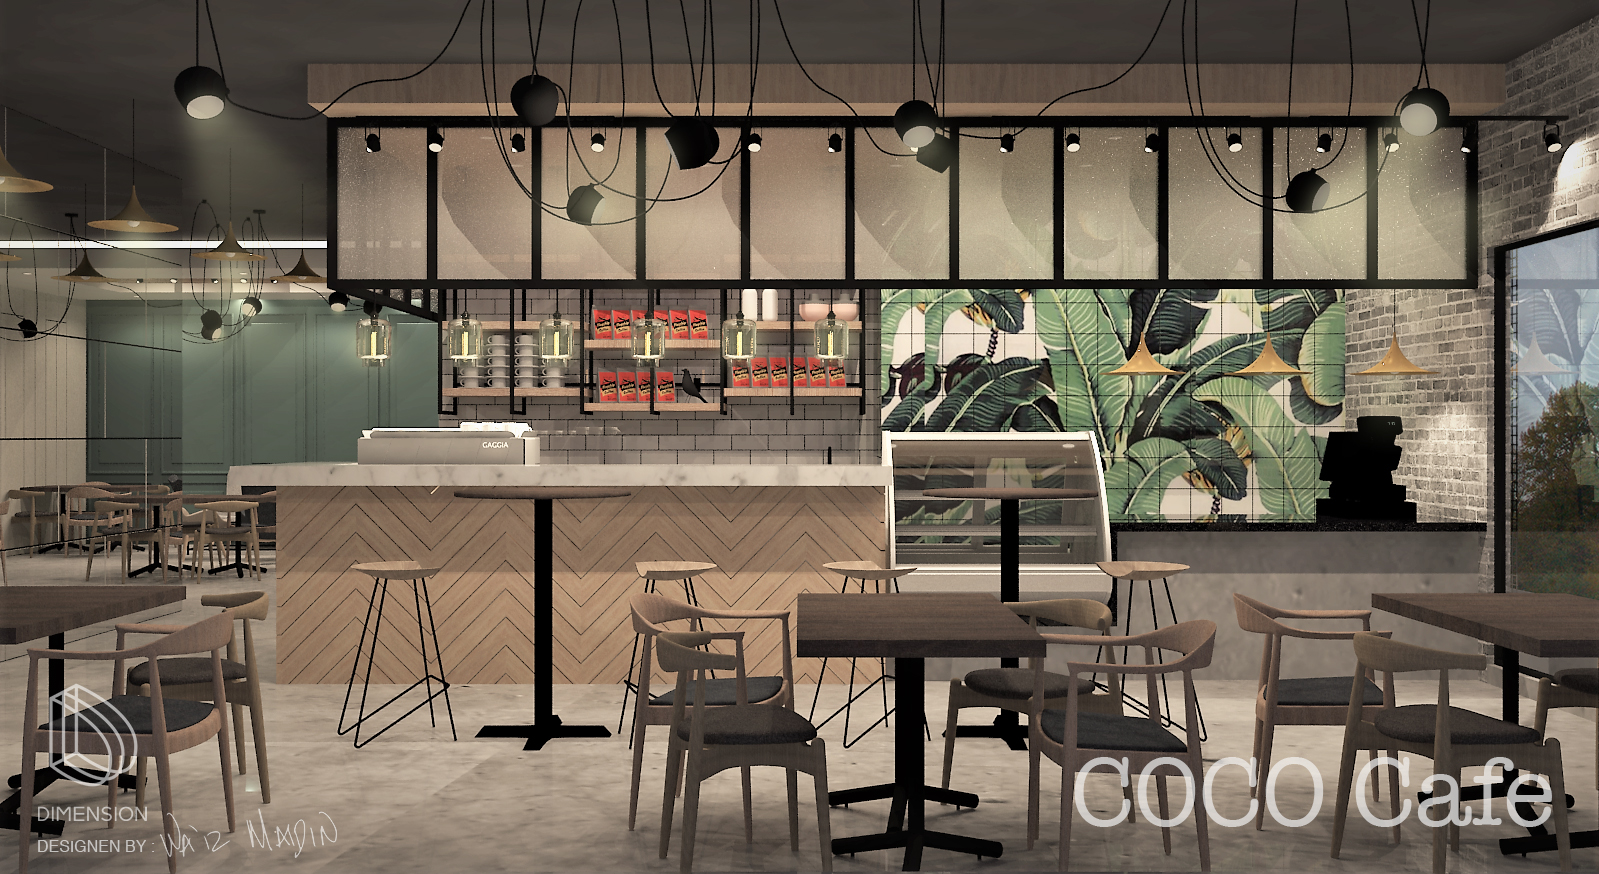 Coco café - by Wa'iz Maidin